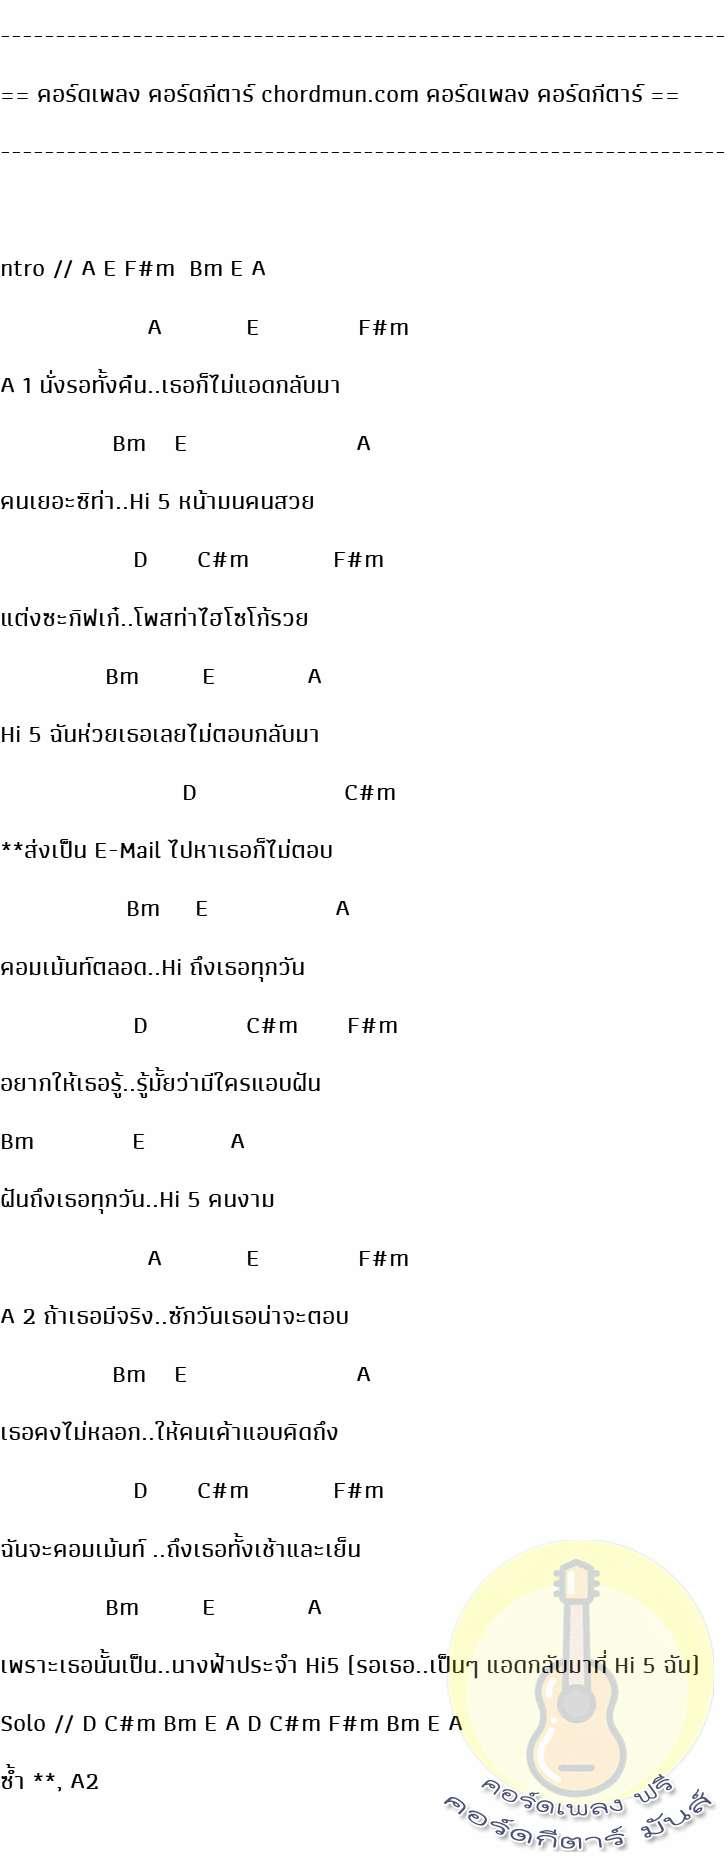 คอร์ดกีต้าร์ไฟฟ้า  เพลง นางฟ้าประจำ hi5.1